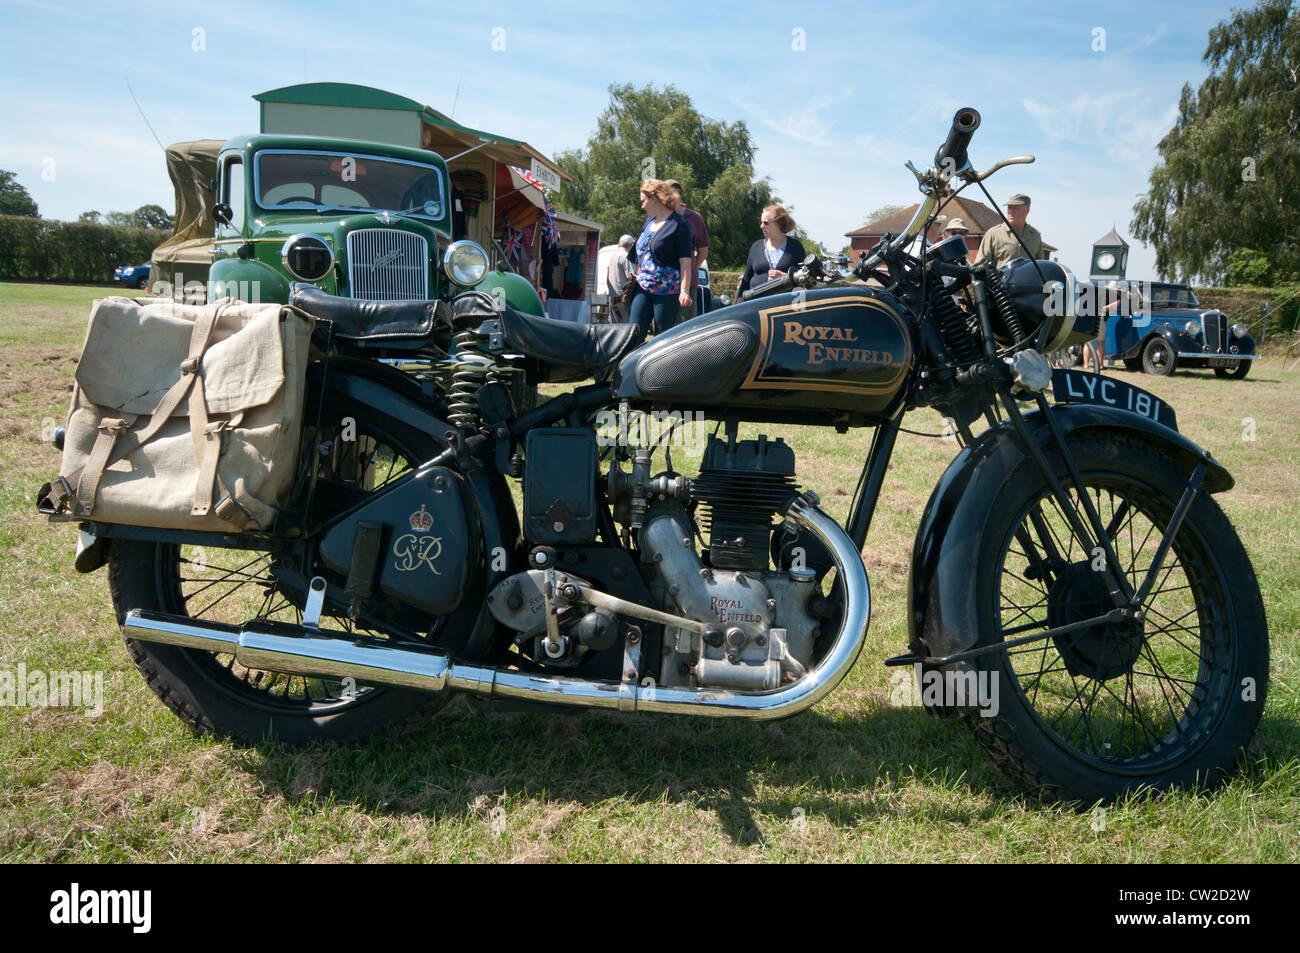 royal enfield vintage motorcycle stock photos  u0026 royal